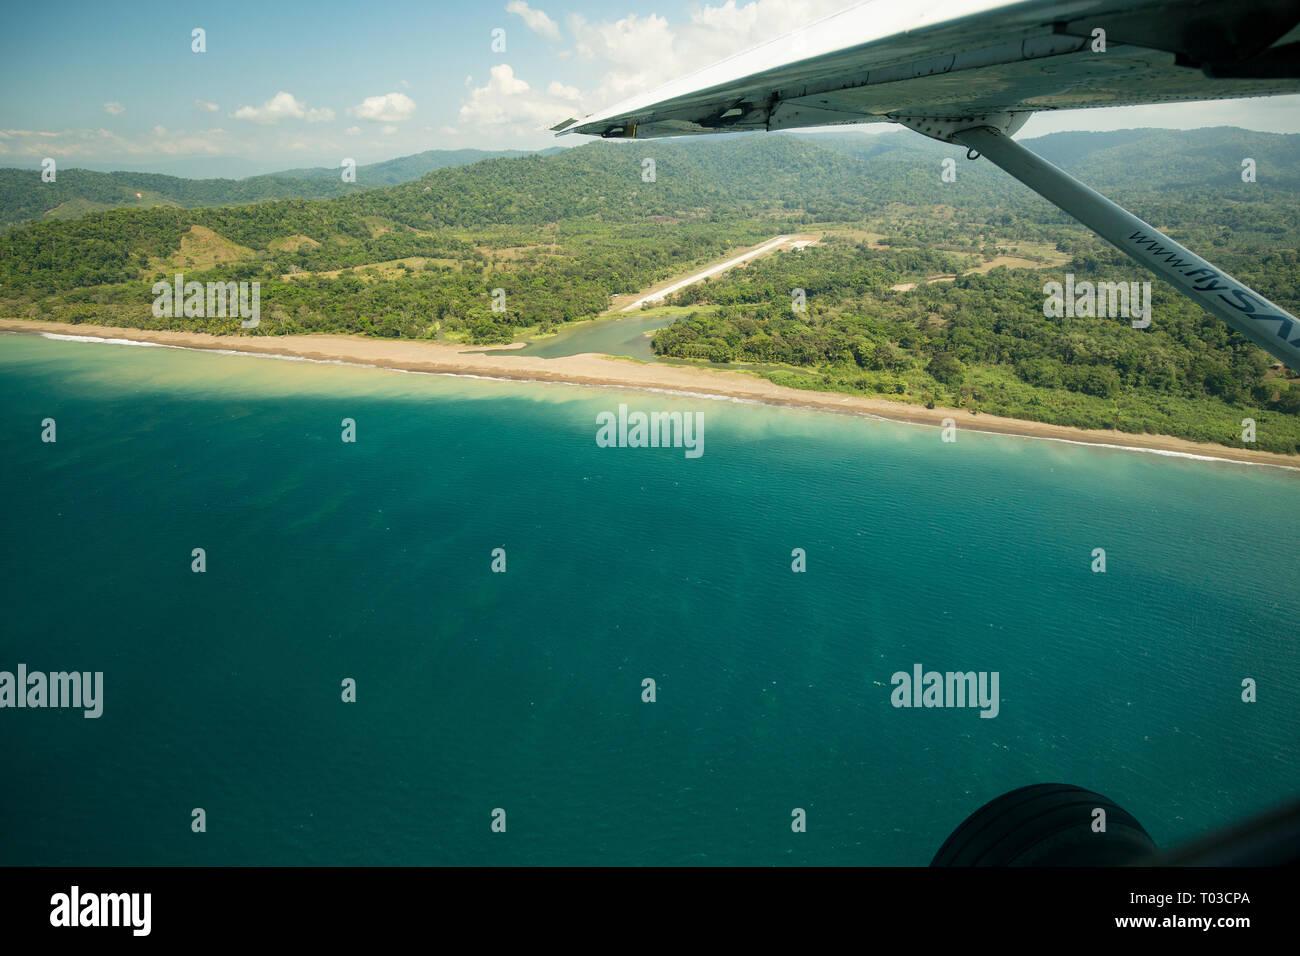 Costa Rica aeropuerto de Gaza Bahía Drake, Península de Osa. Imagen De Stock